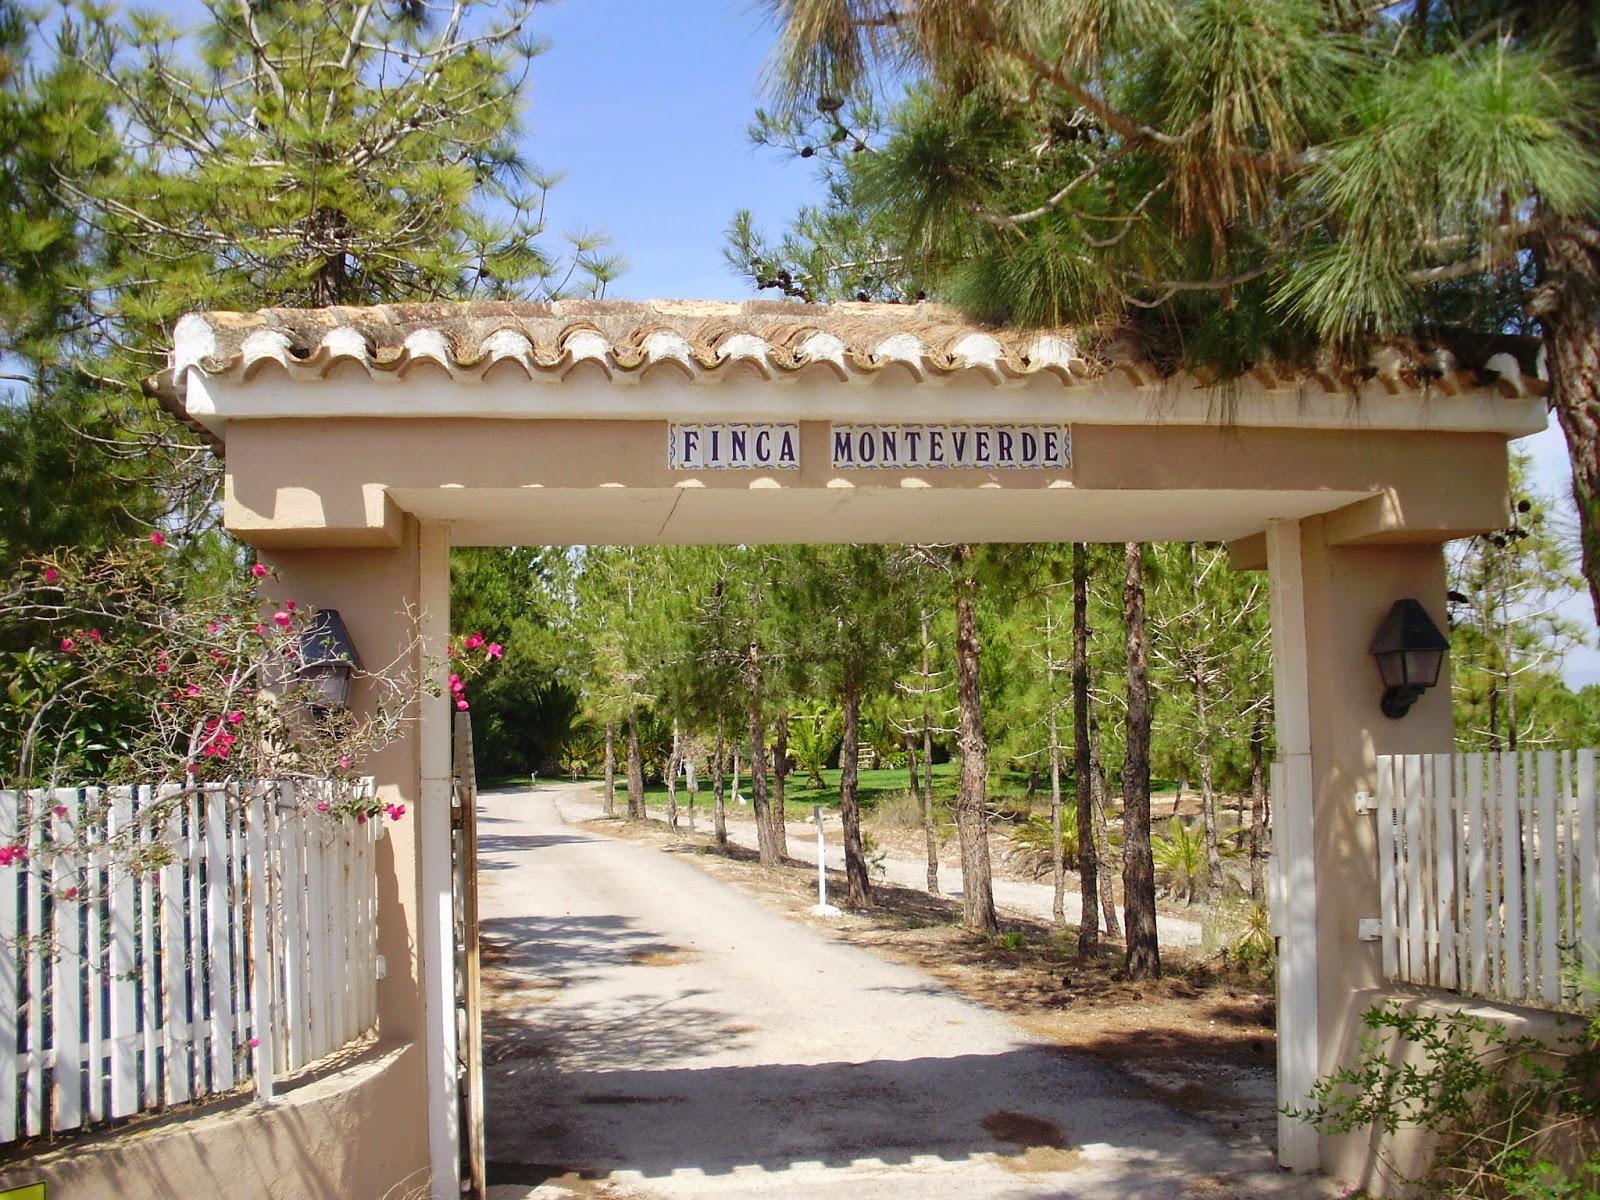 El bancalico del cervantes finca monteverde - Entradas rusticas ...